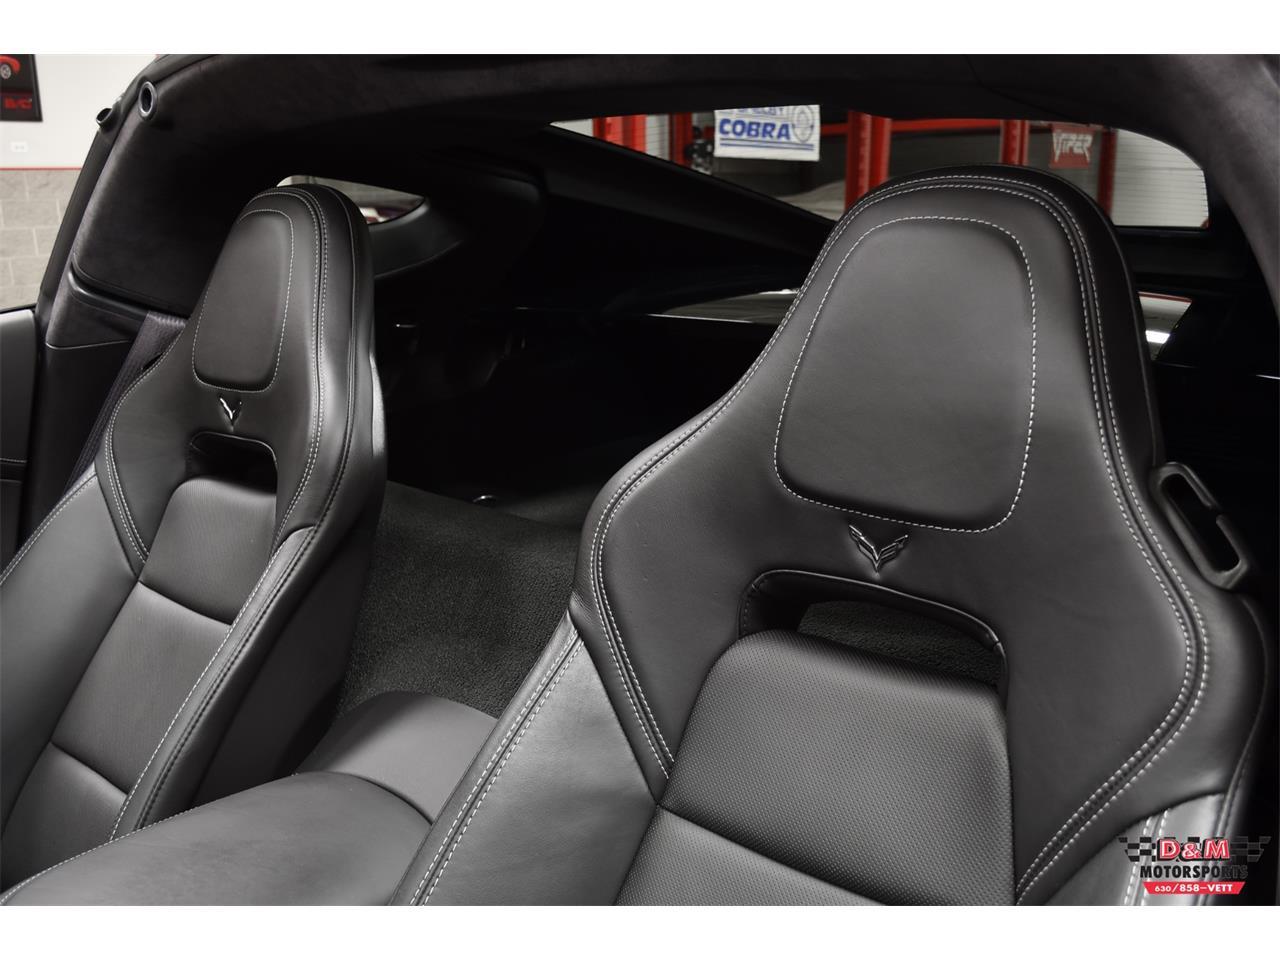 Large Picture of 2015 Chevrolet Corvette located in Illinois - QGAK